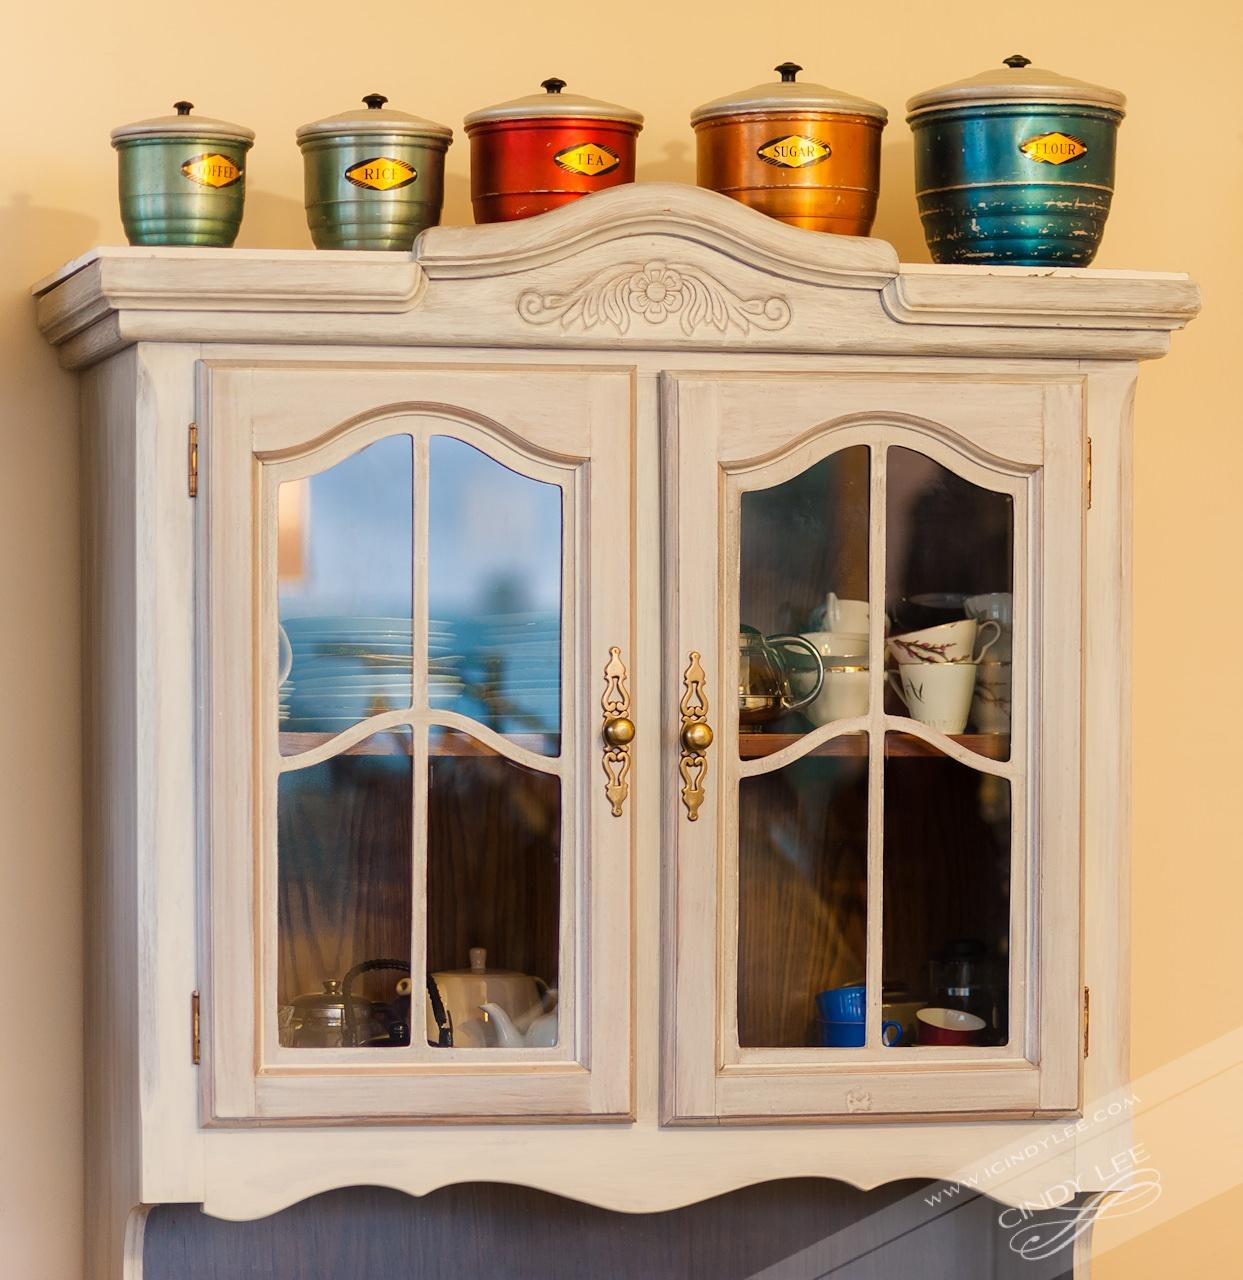 window, cannister, vintage